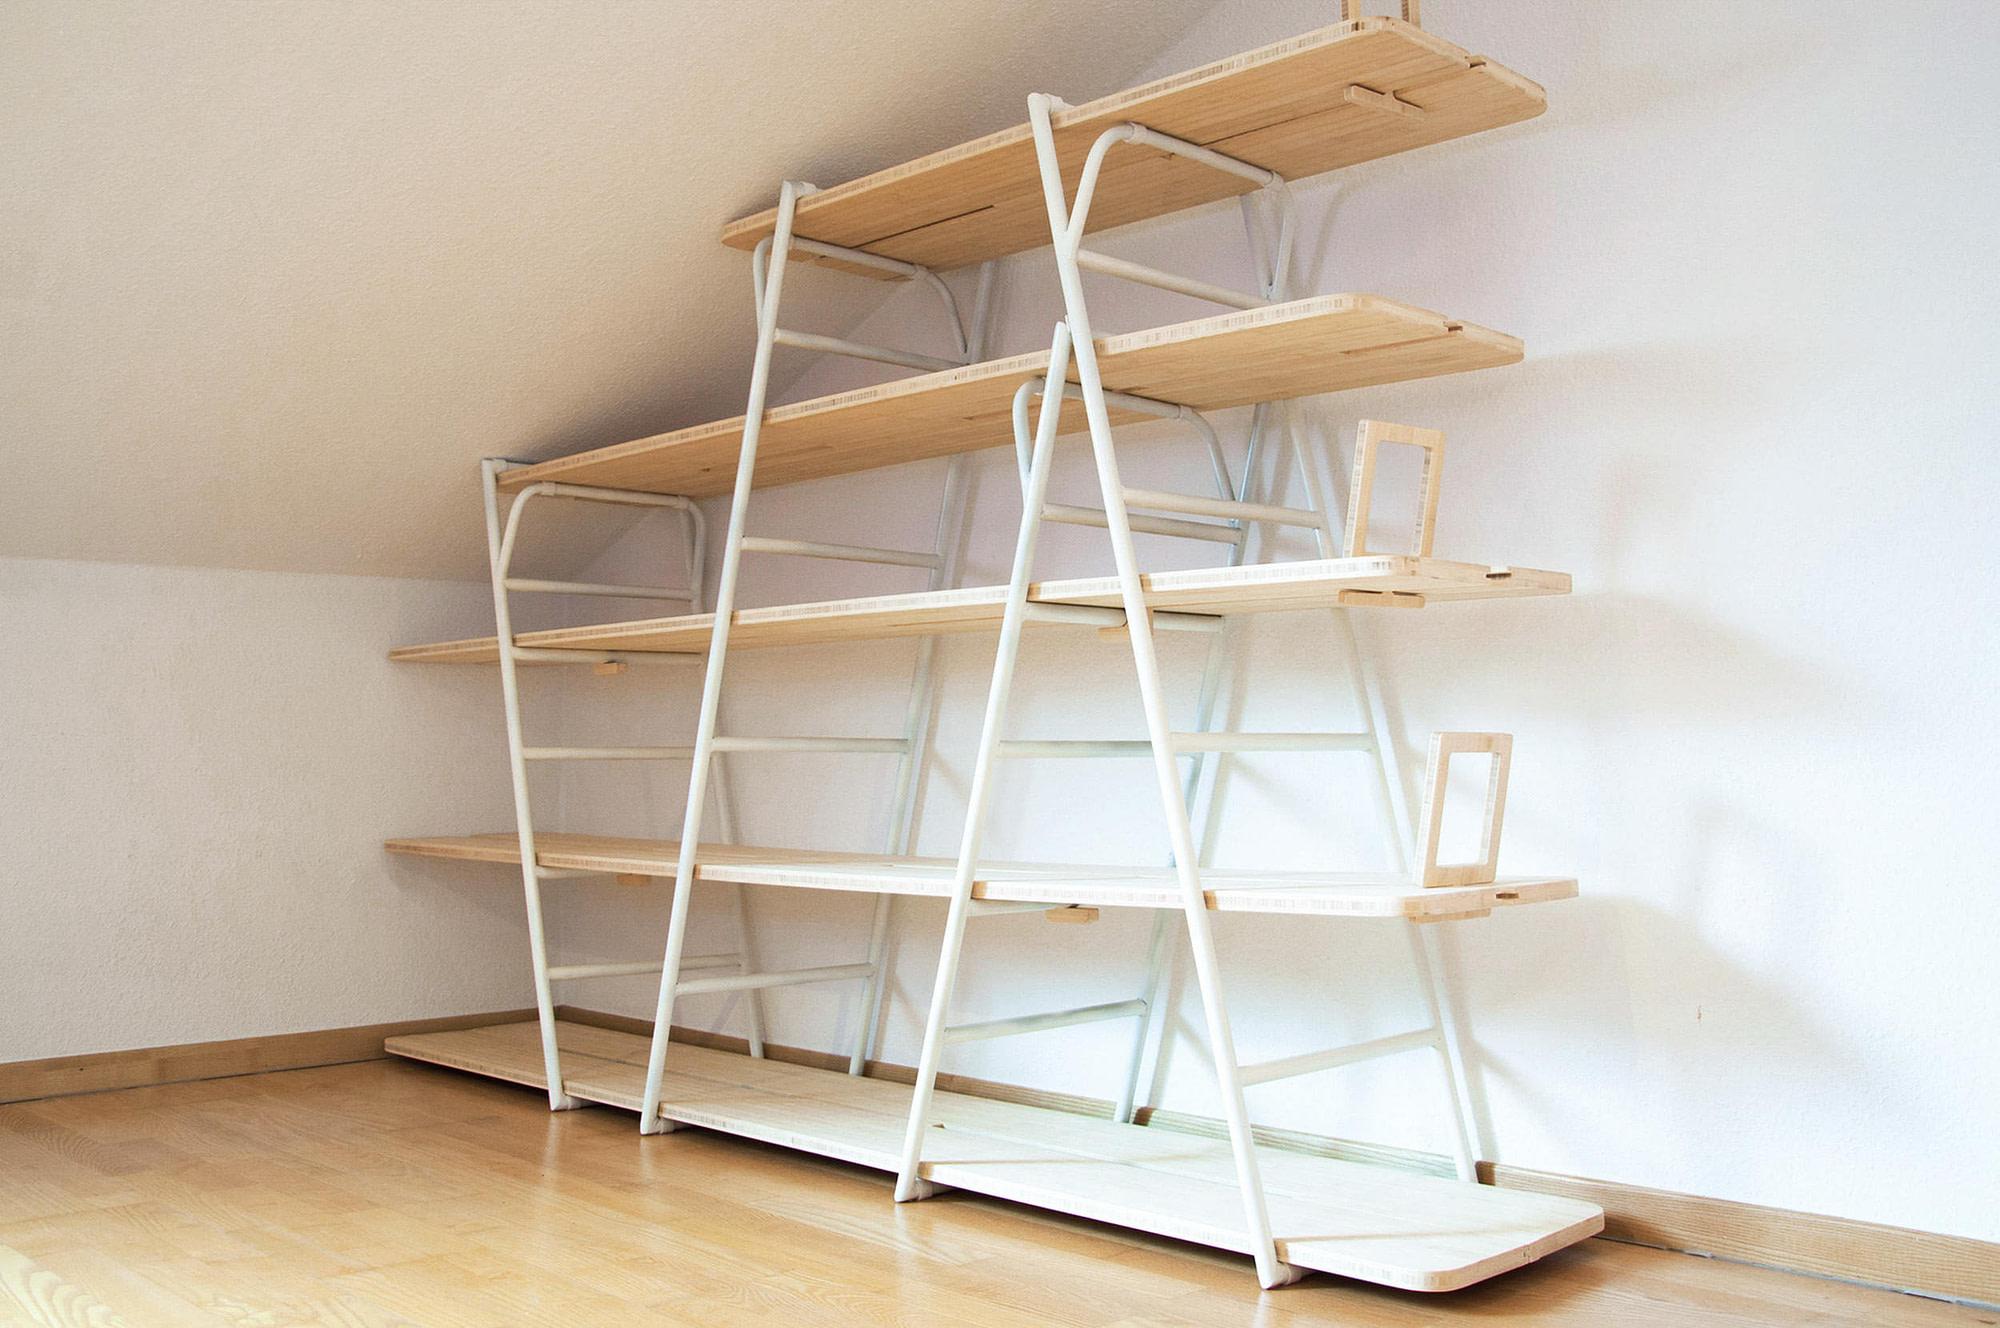 Nomadic Shelf 8